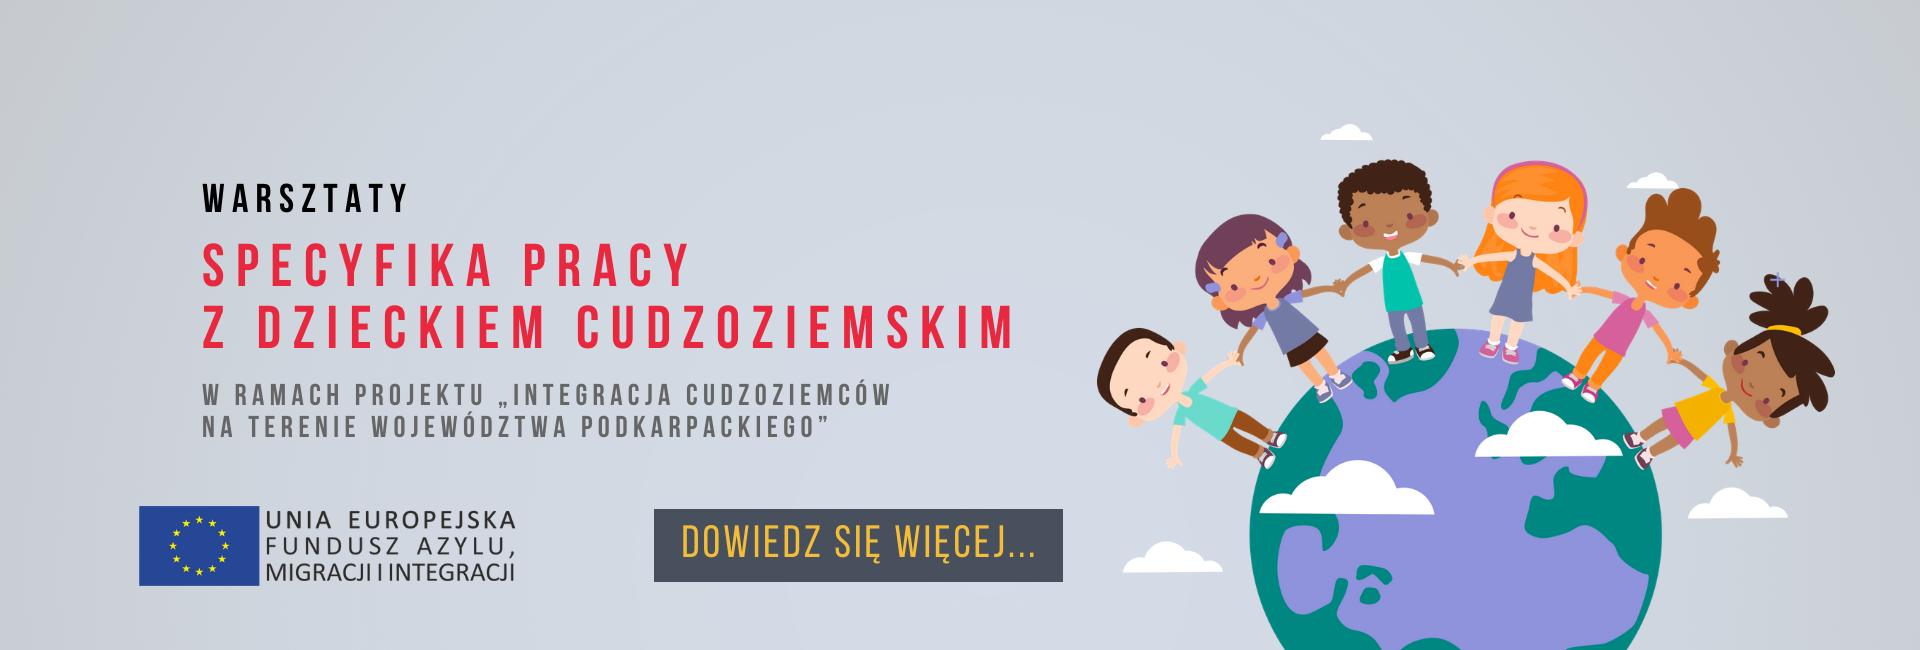 banner_dziecko_cudzoziemskie